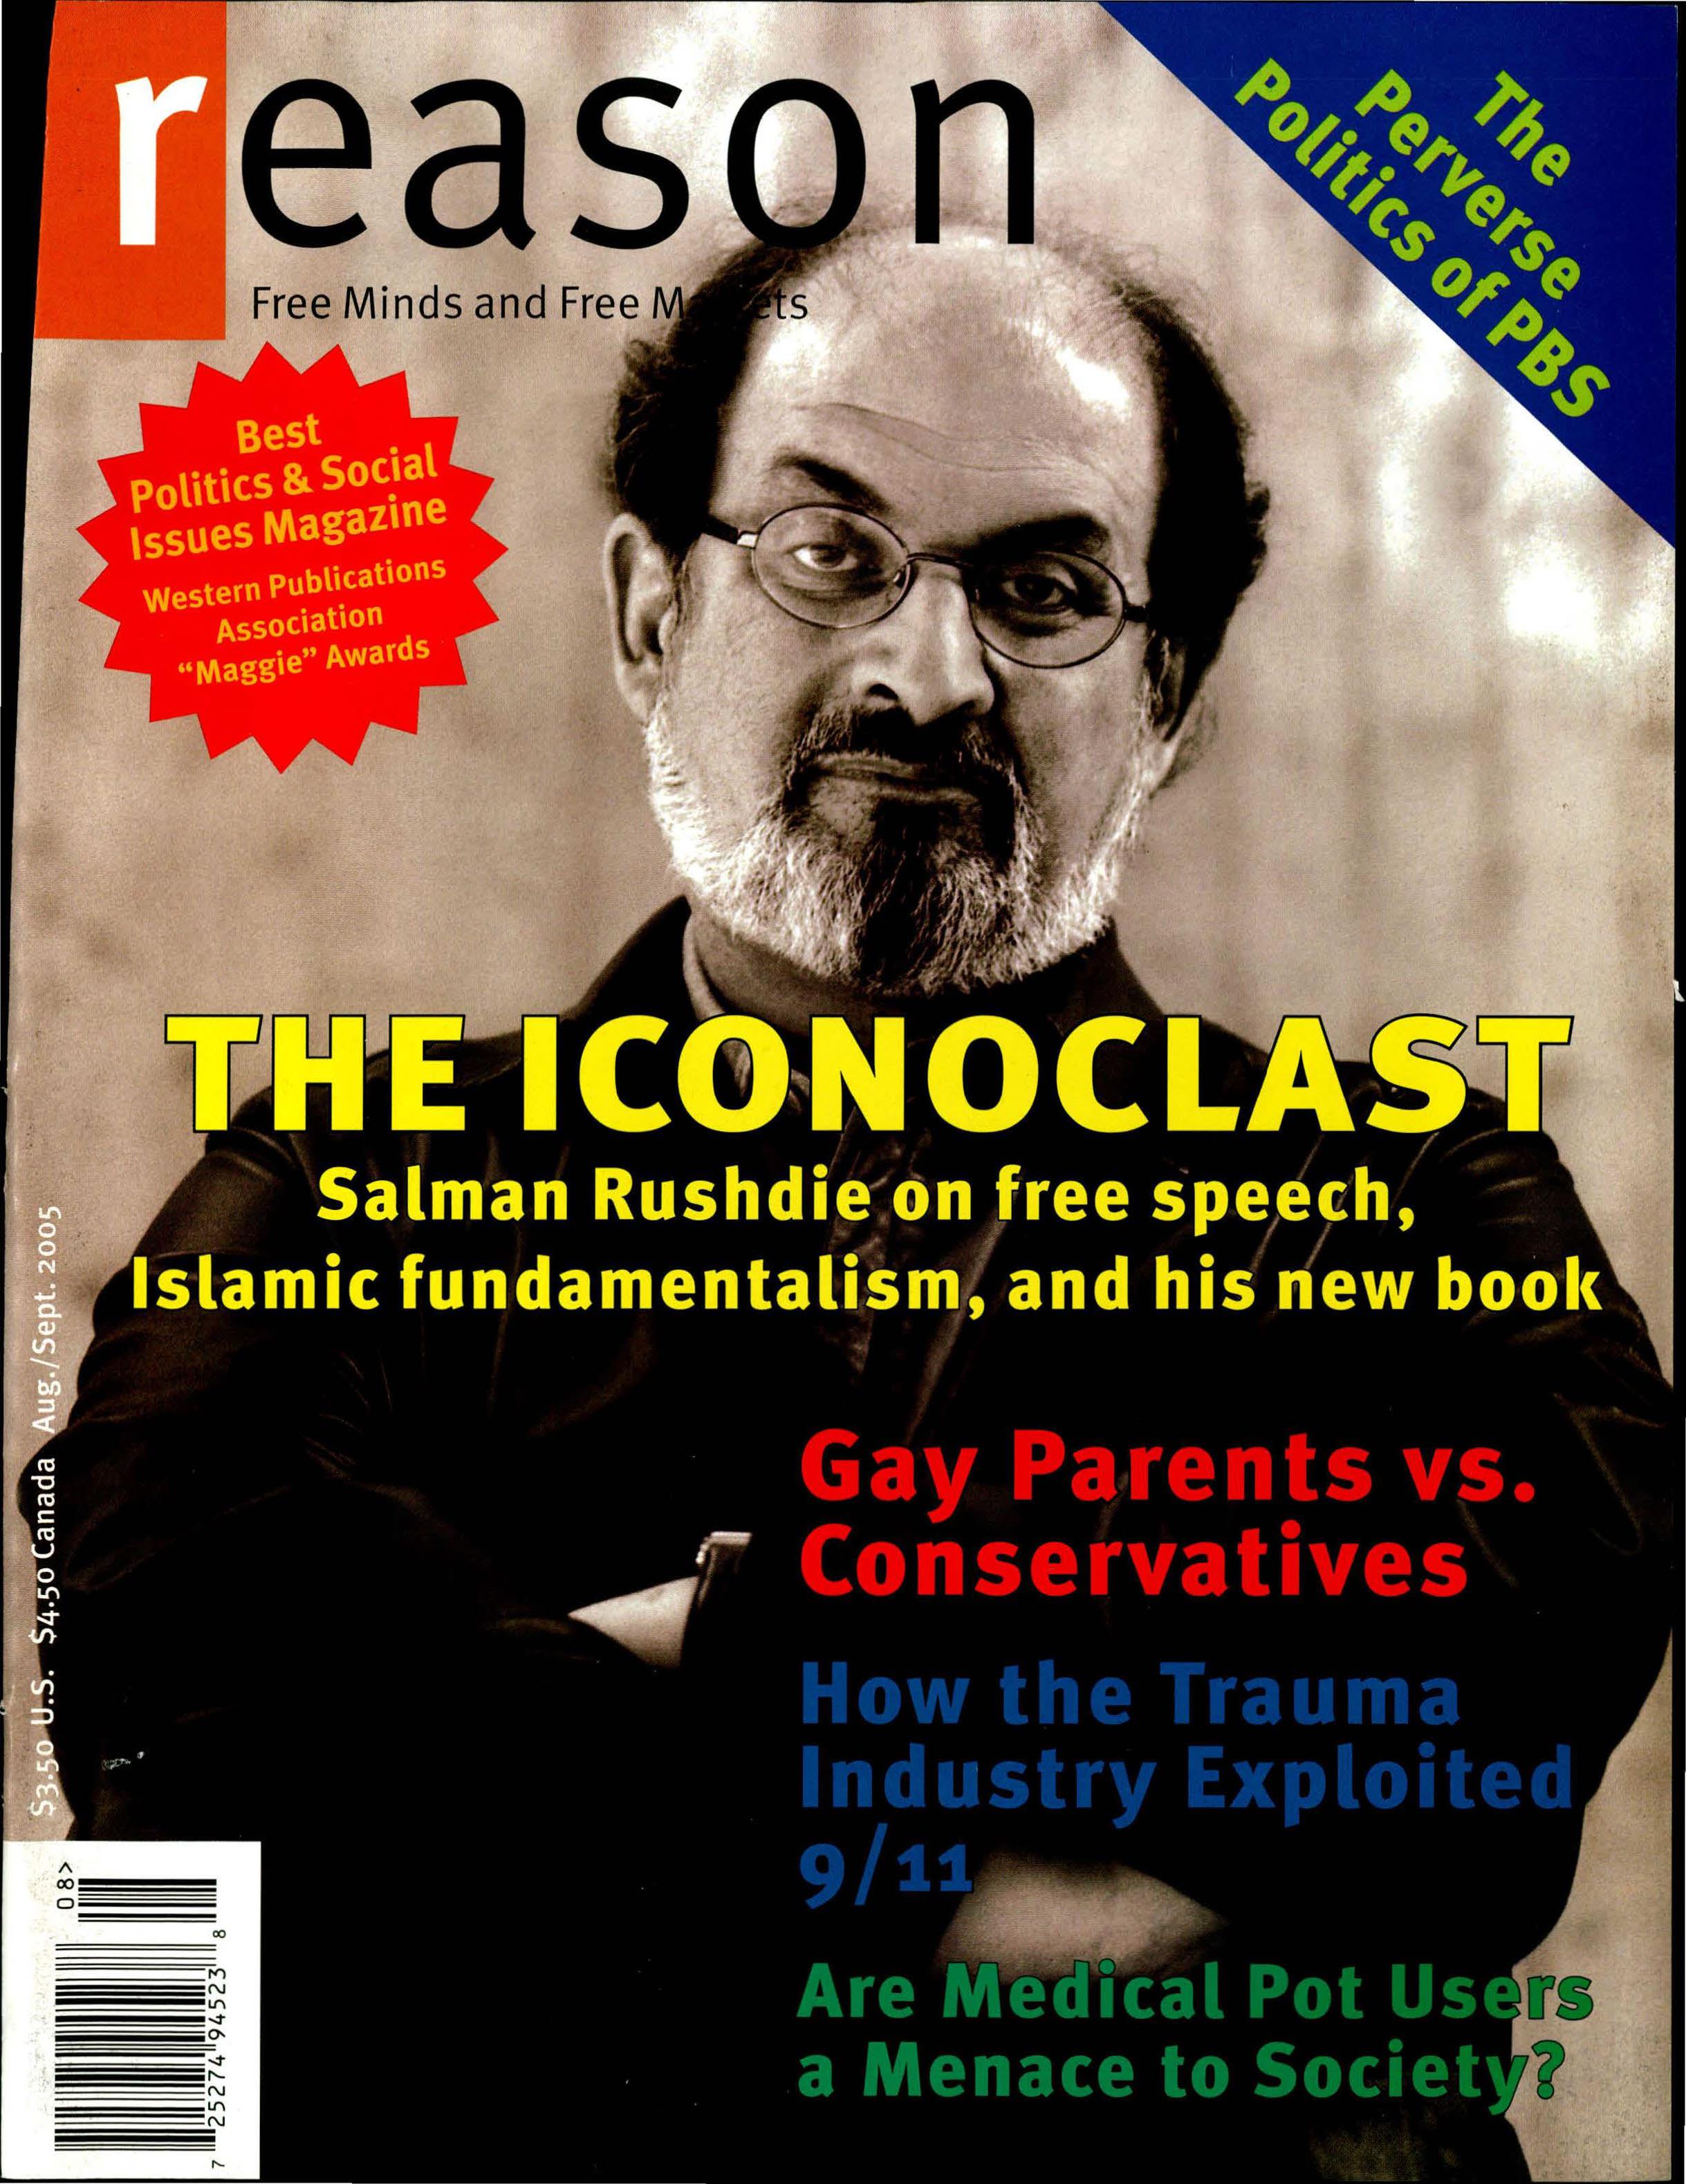 Reason Magazine, August/September 2005 cover image